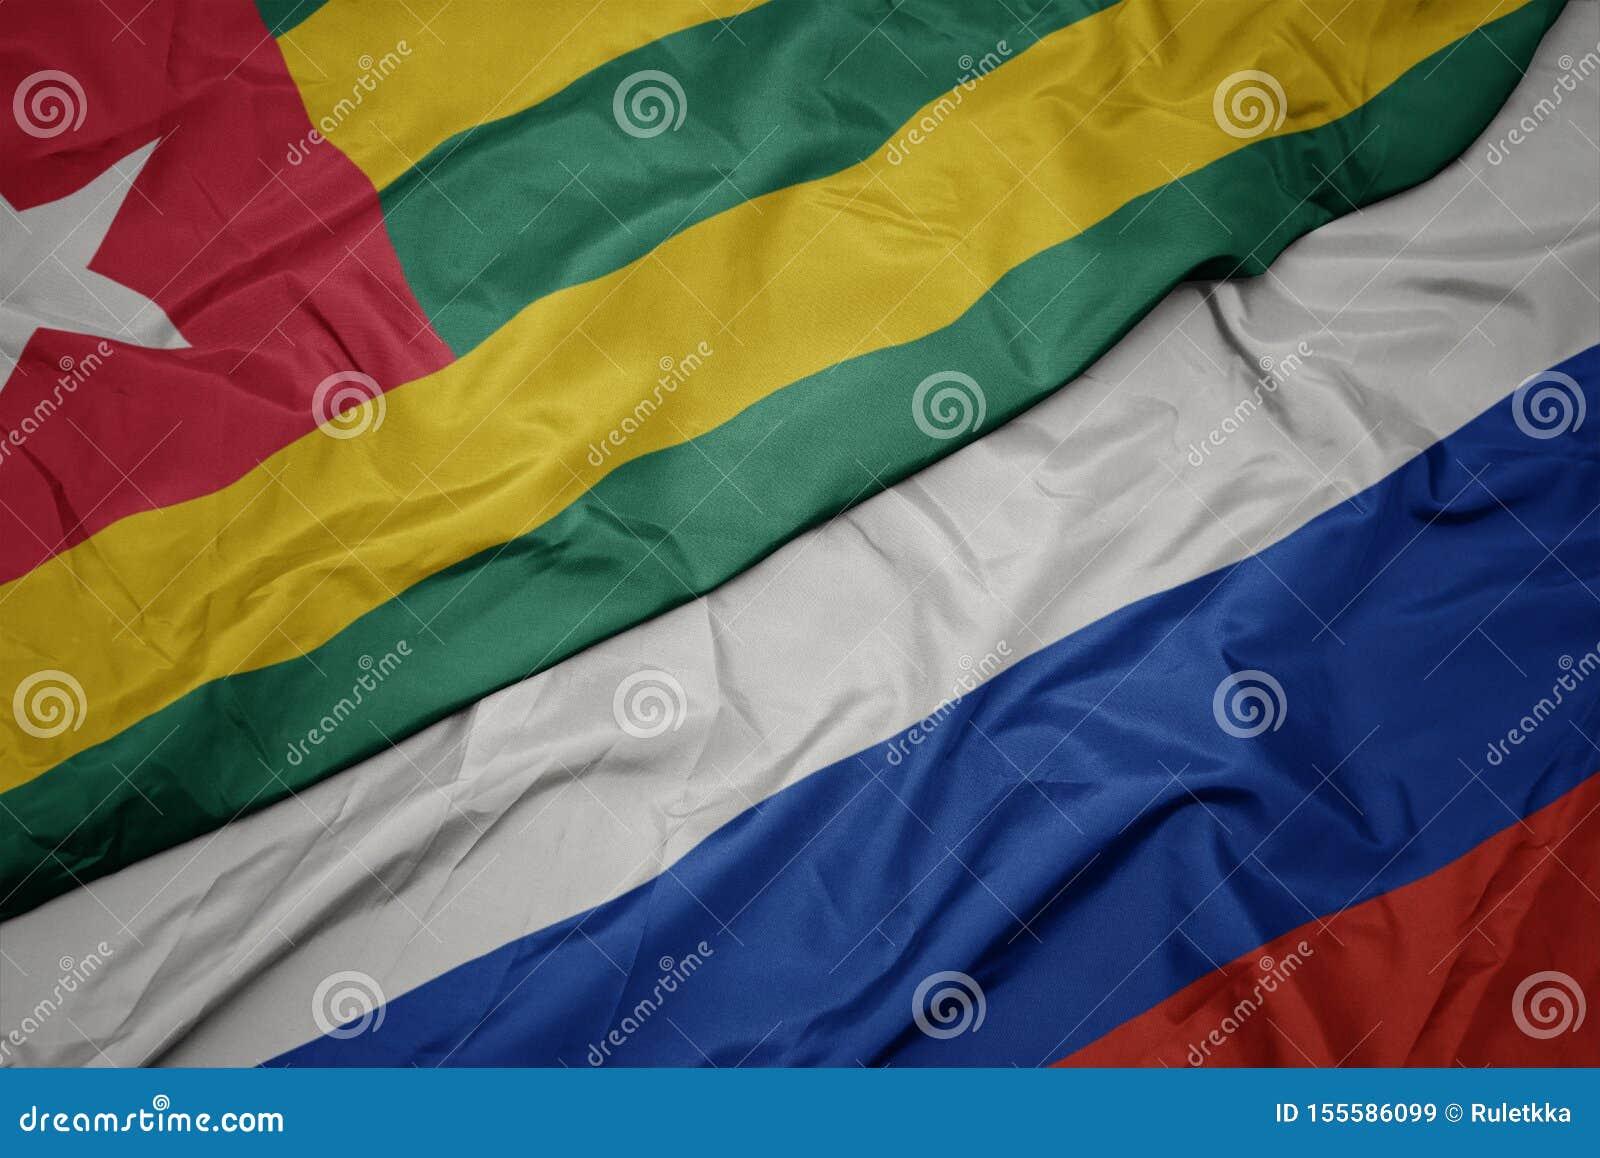 развевая красочный флаг России и национальный флаг Того